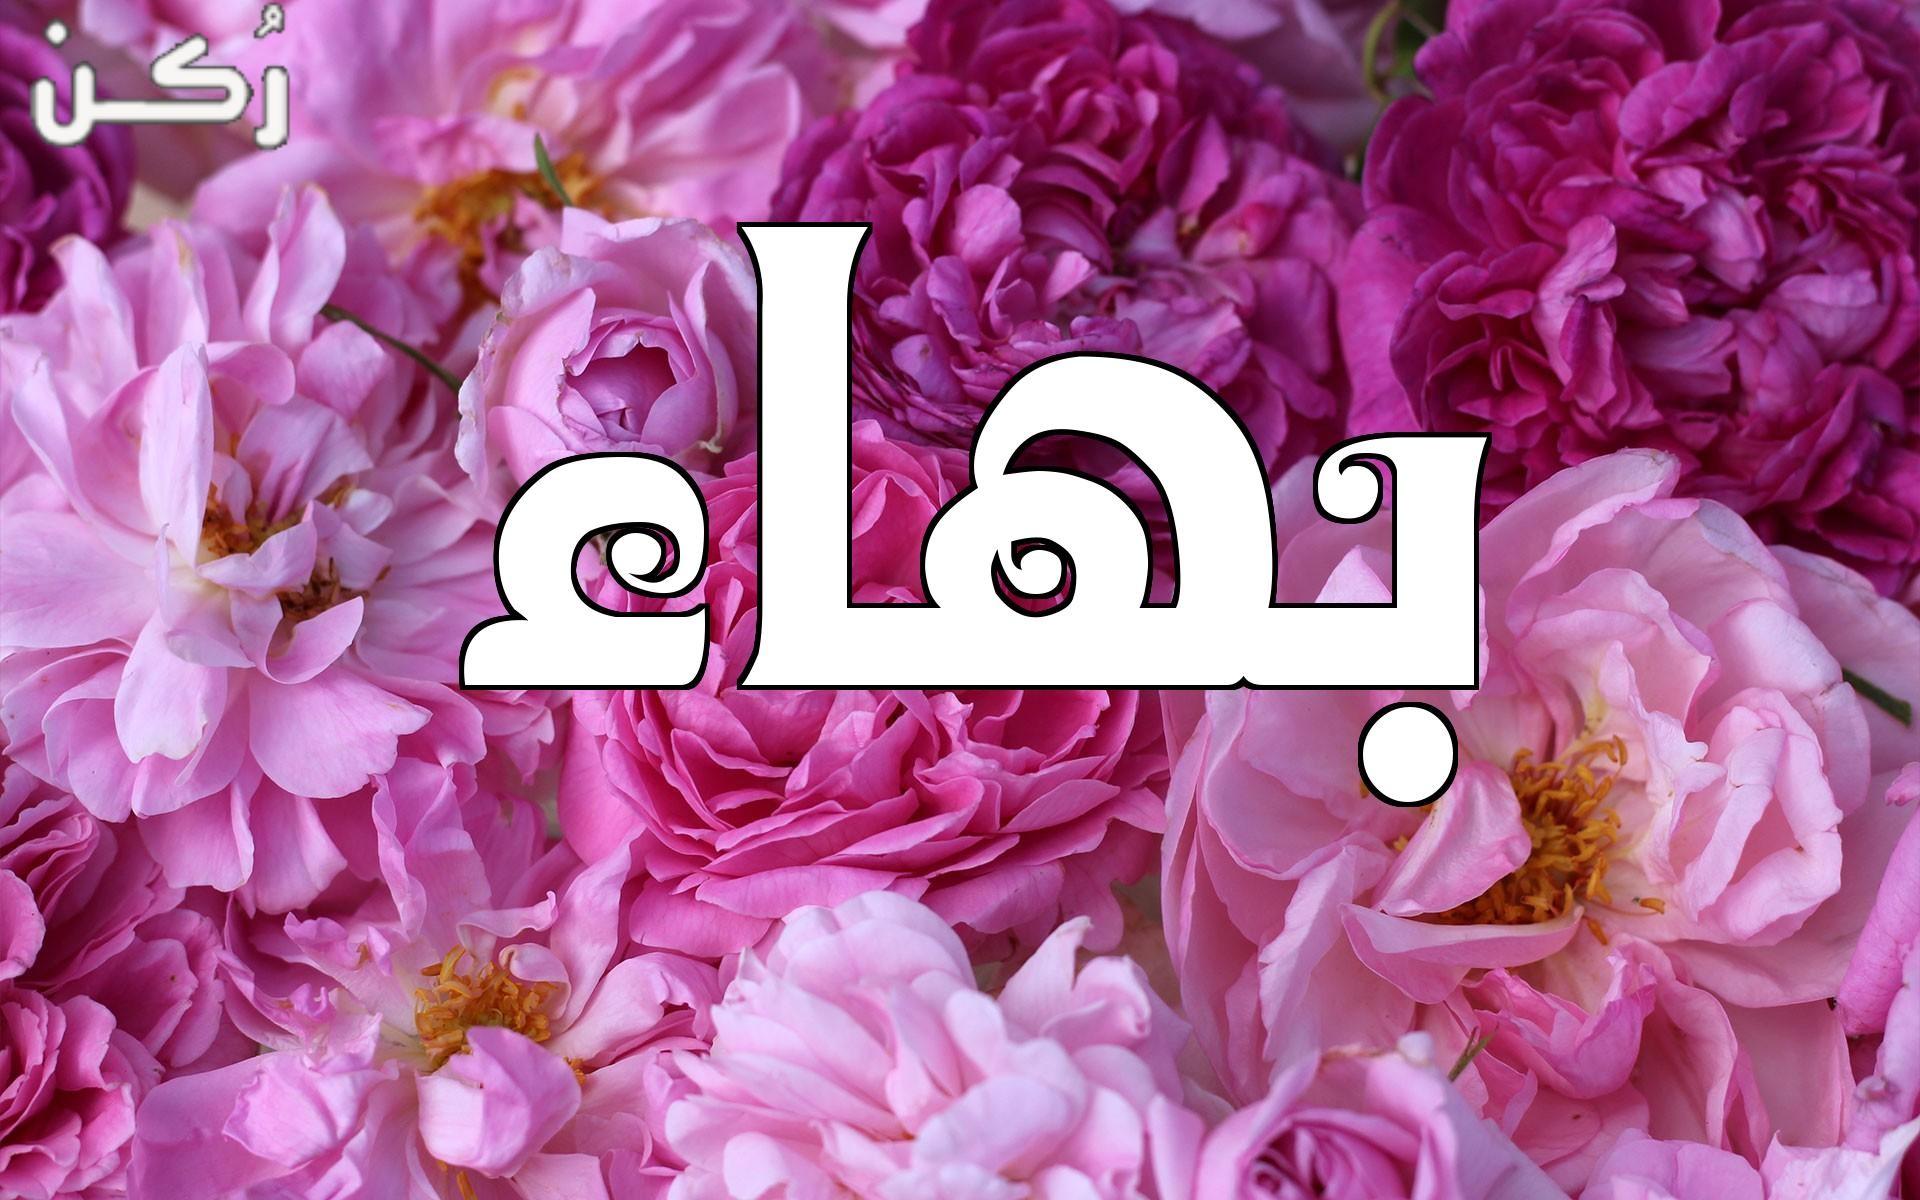 معنى اسم بهاء في اللغة العربية وعلم النفس والاسلام وصفات حامل الاسم